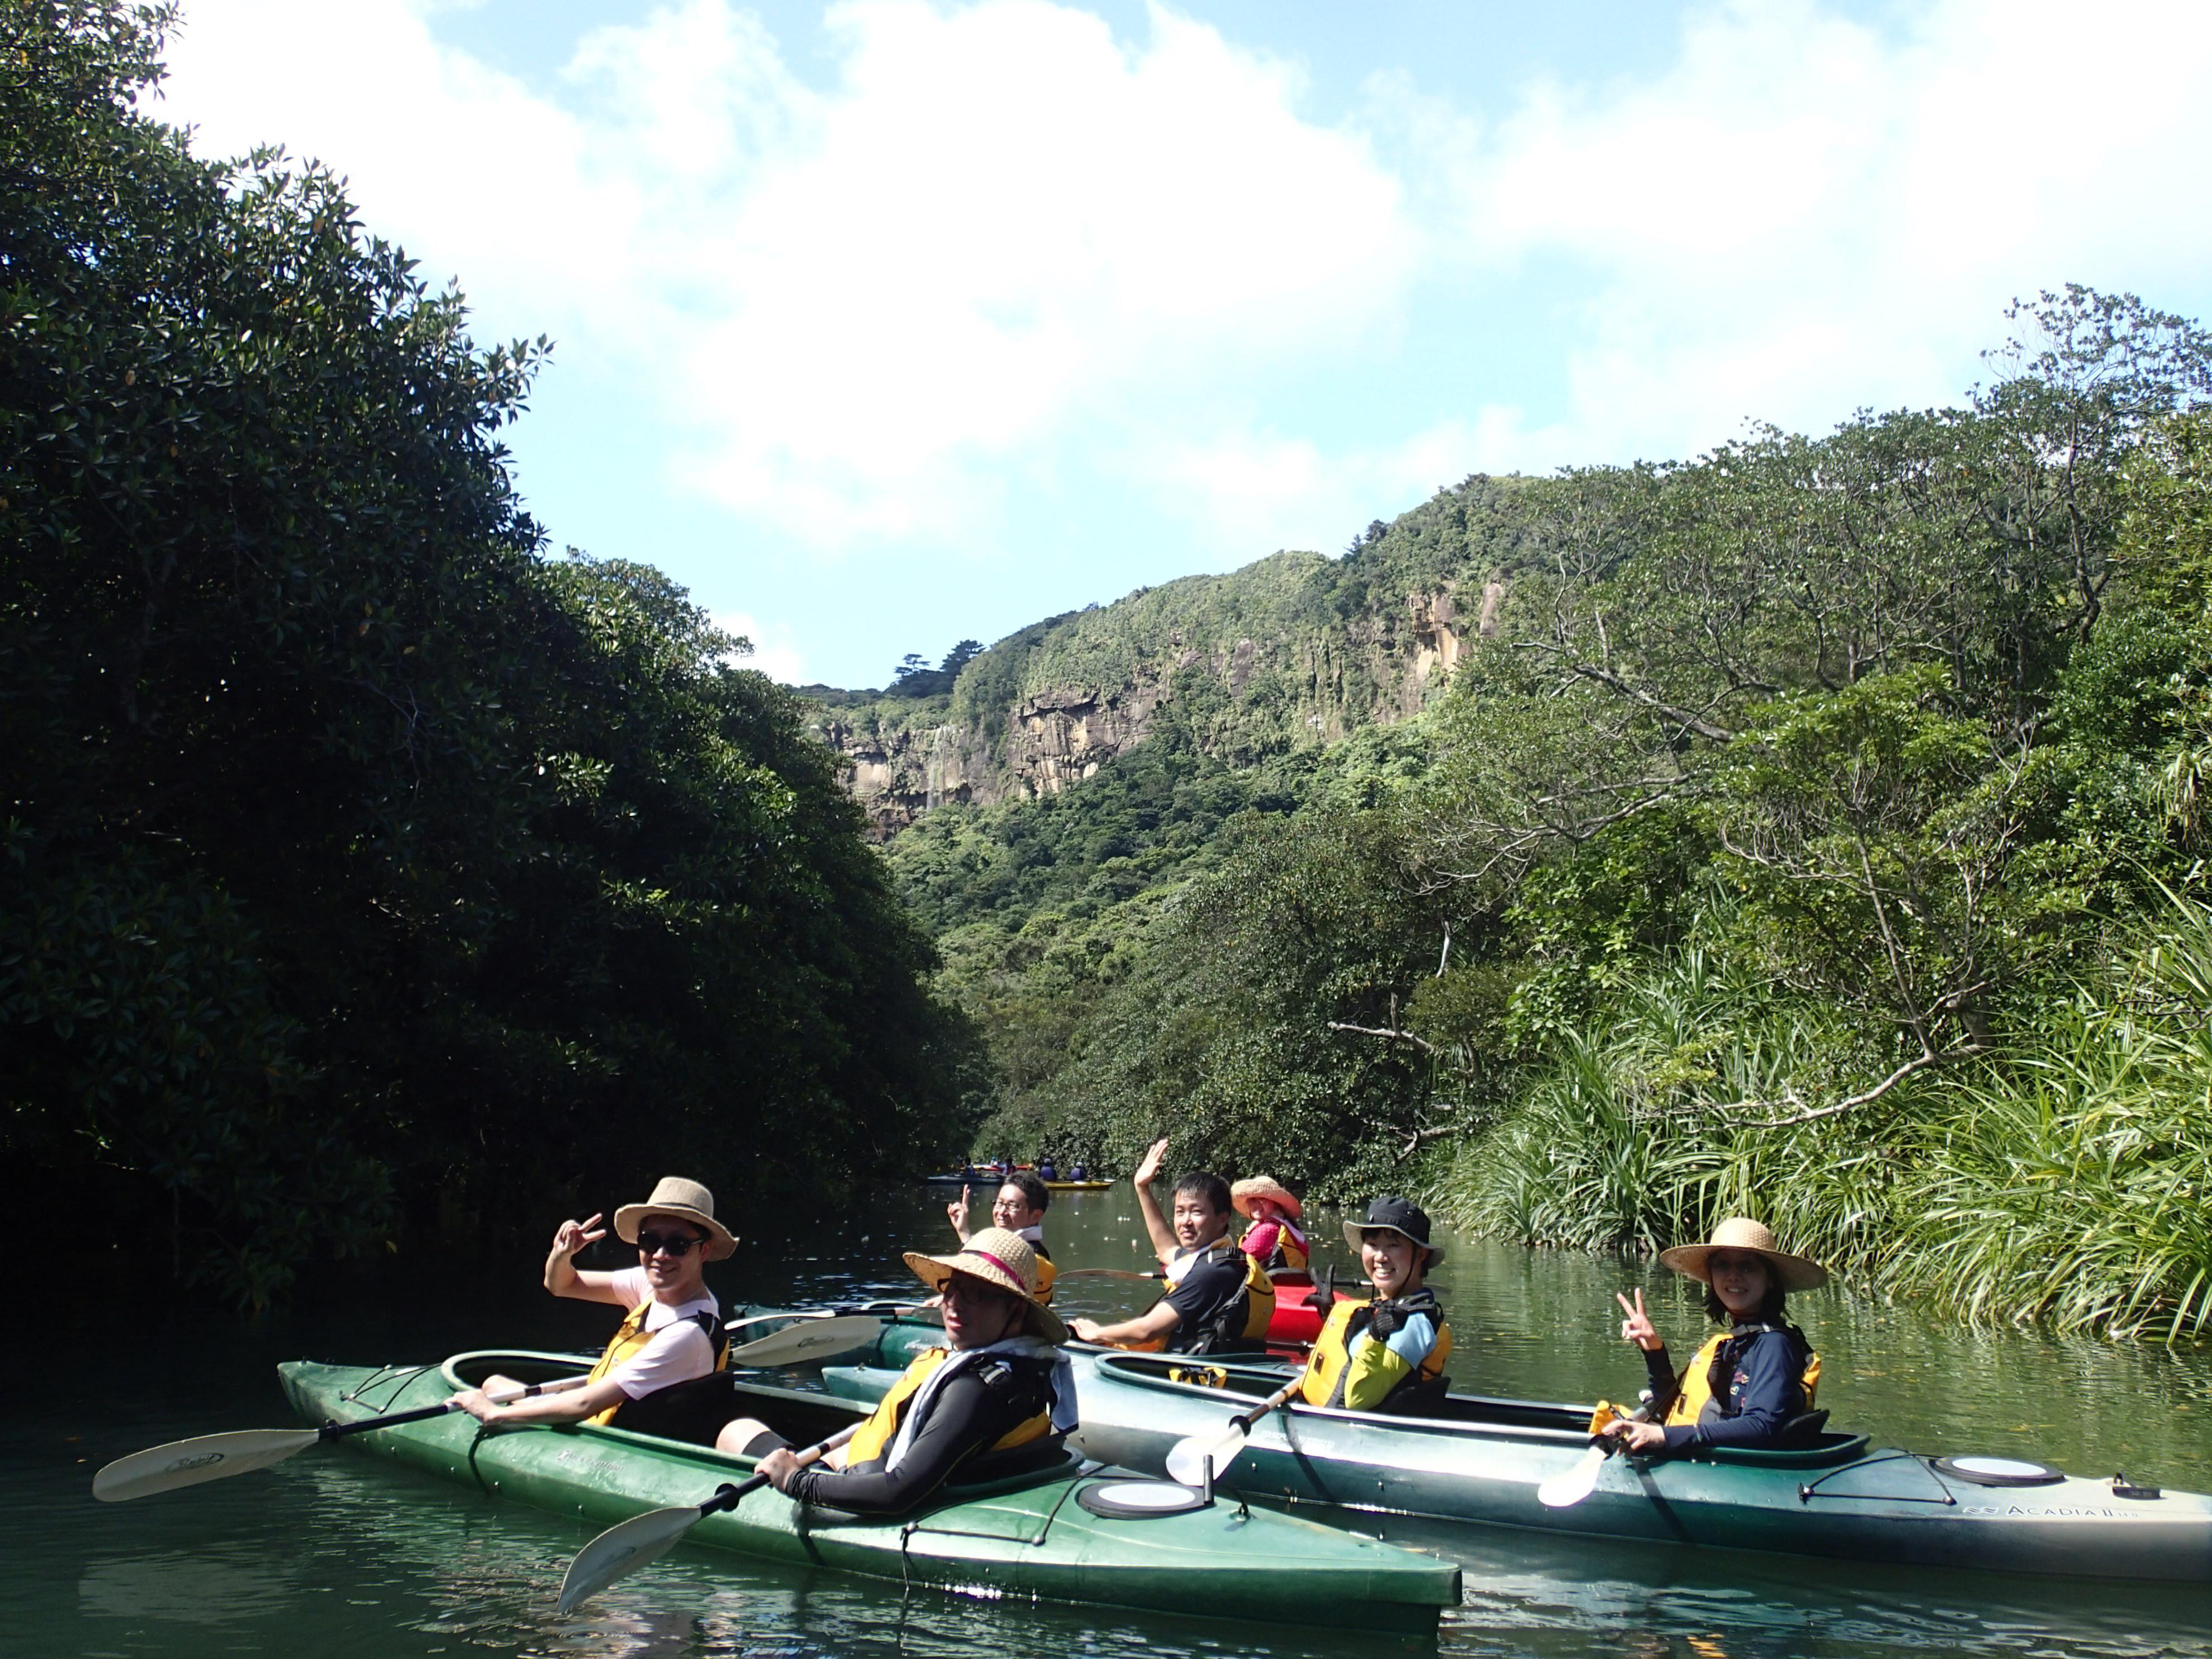 石垣島ジャングルクルーズで縁結びの滝ツアー